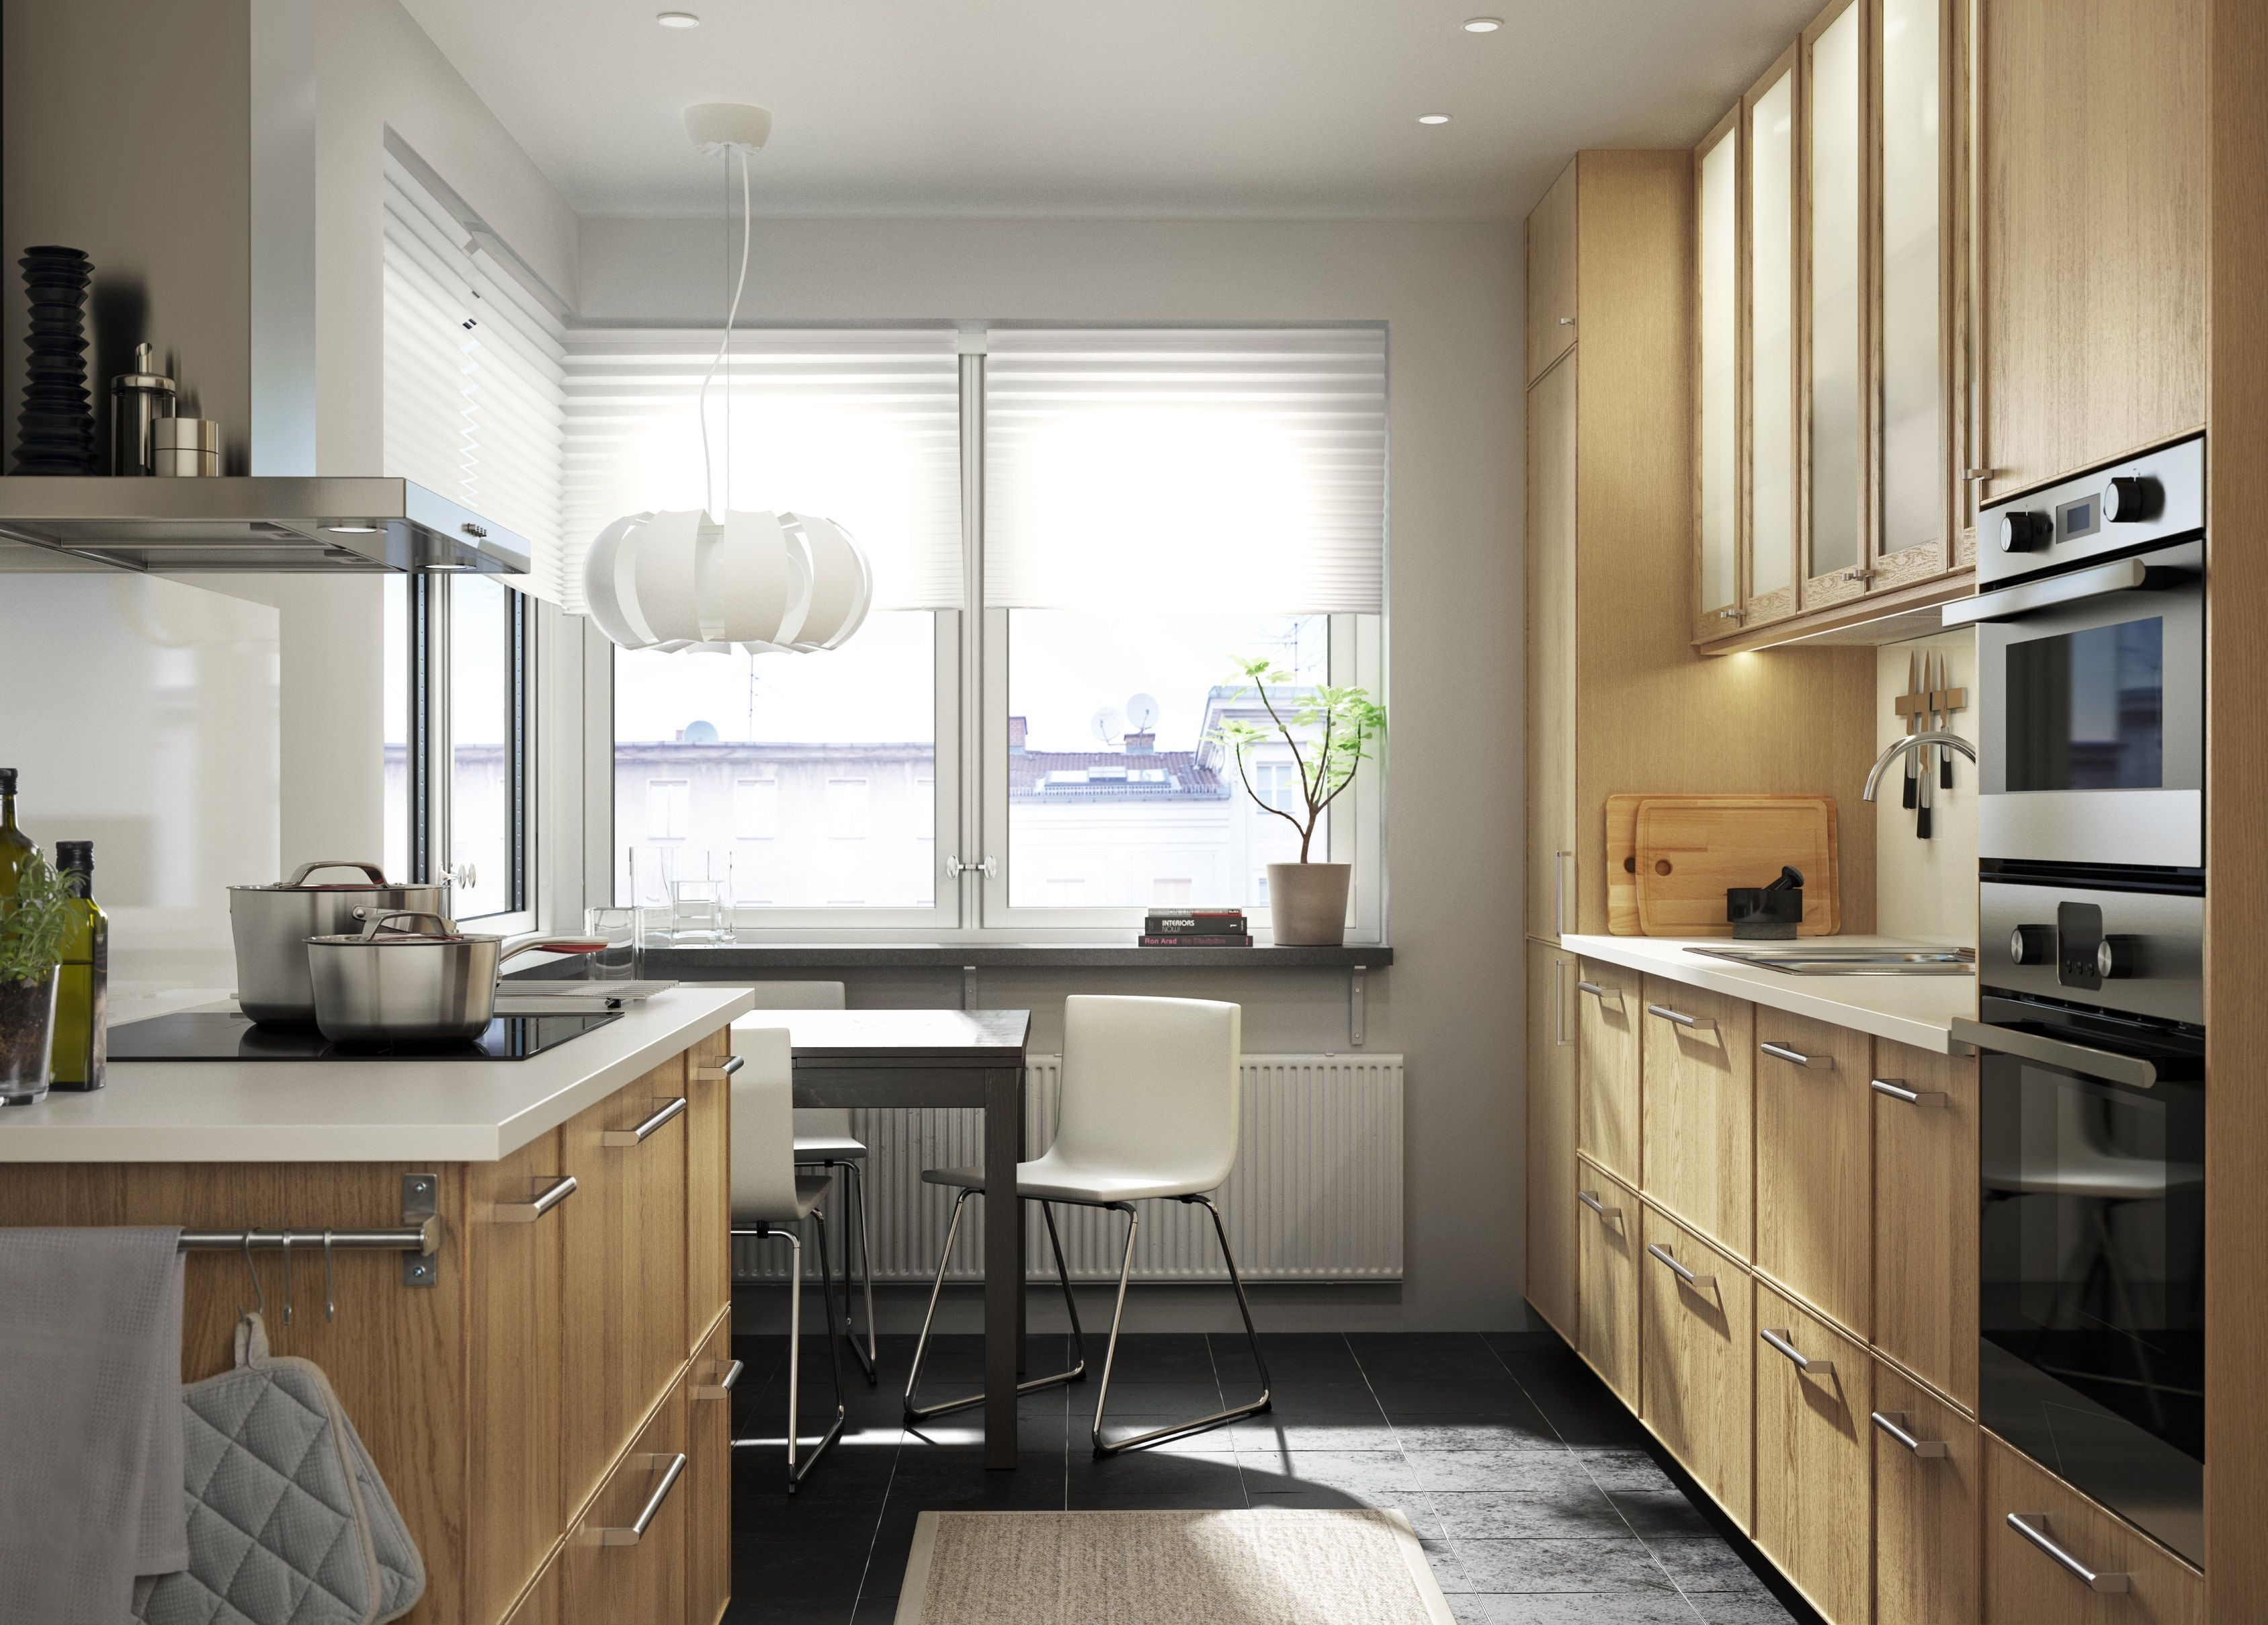 Nederland Kuchnia Projekty Kuchni Pomysły Ikea I